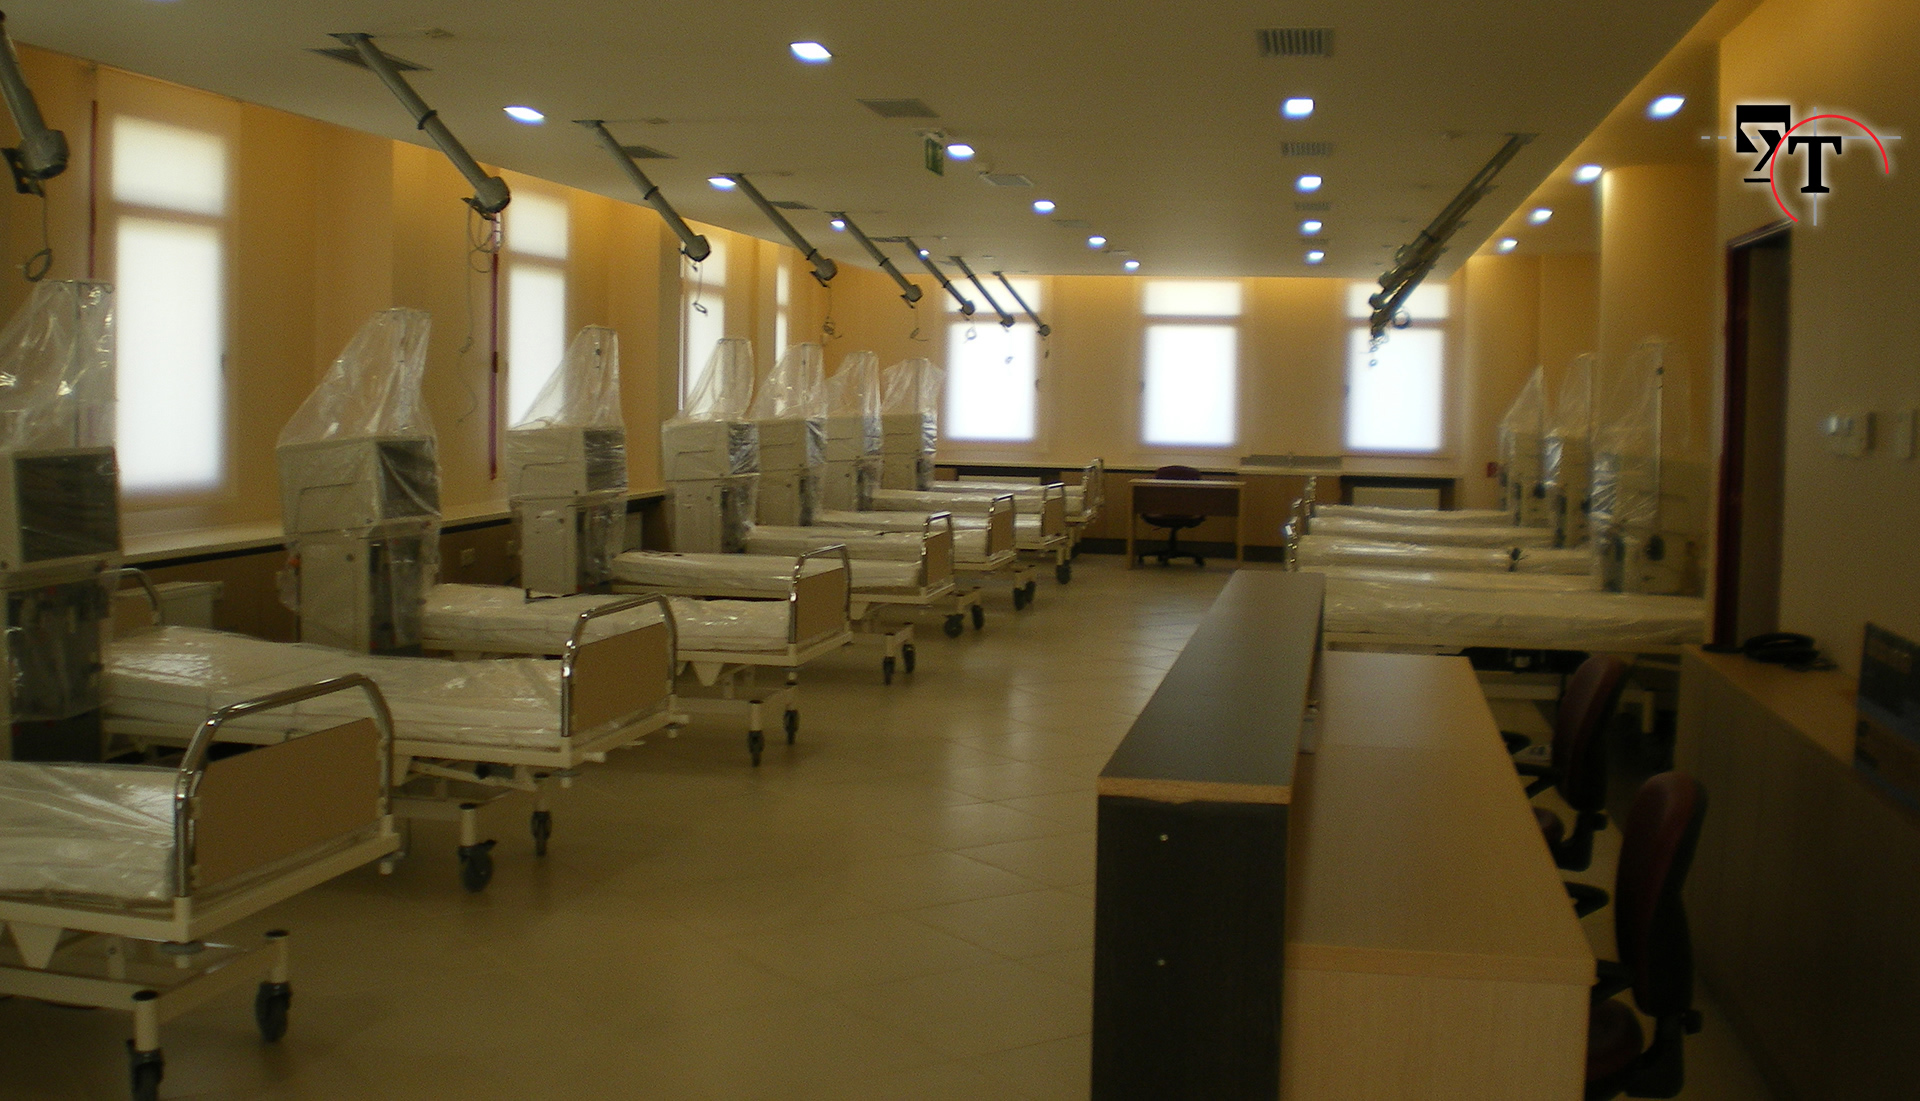 Μονάδα Αιμοκάθαρσης - Τεχνικά γραφεία Αχαΐα